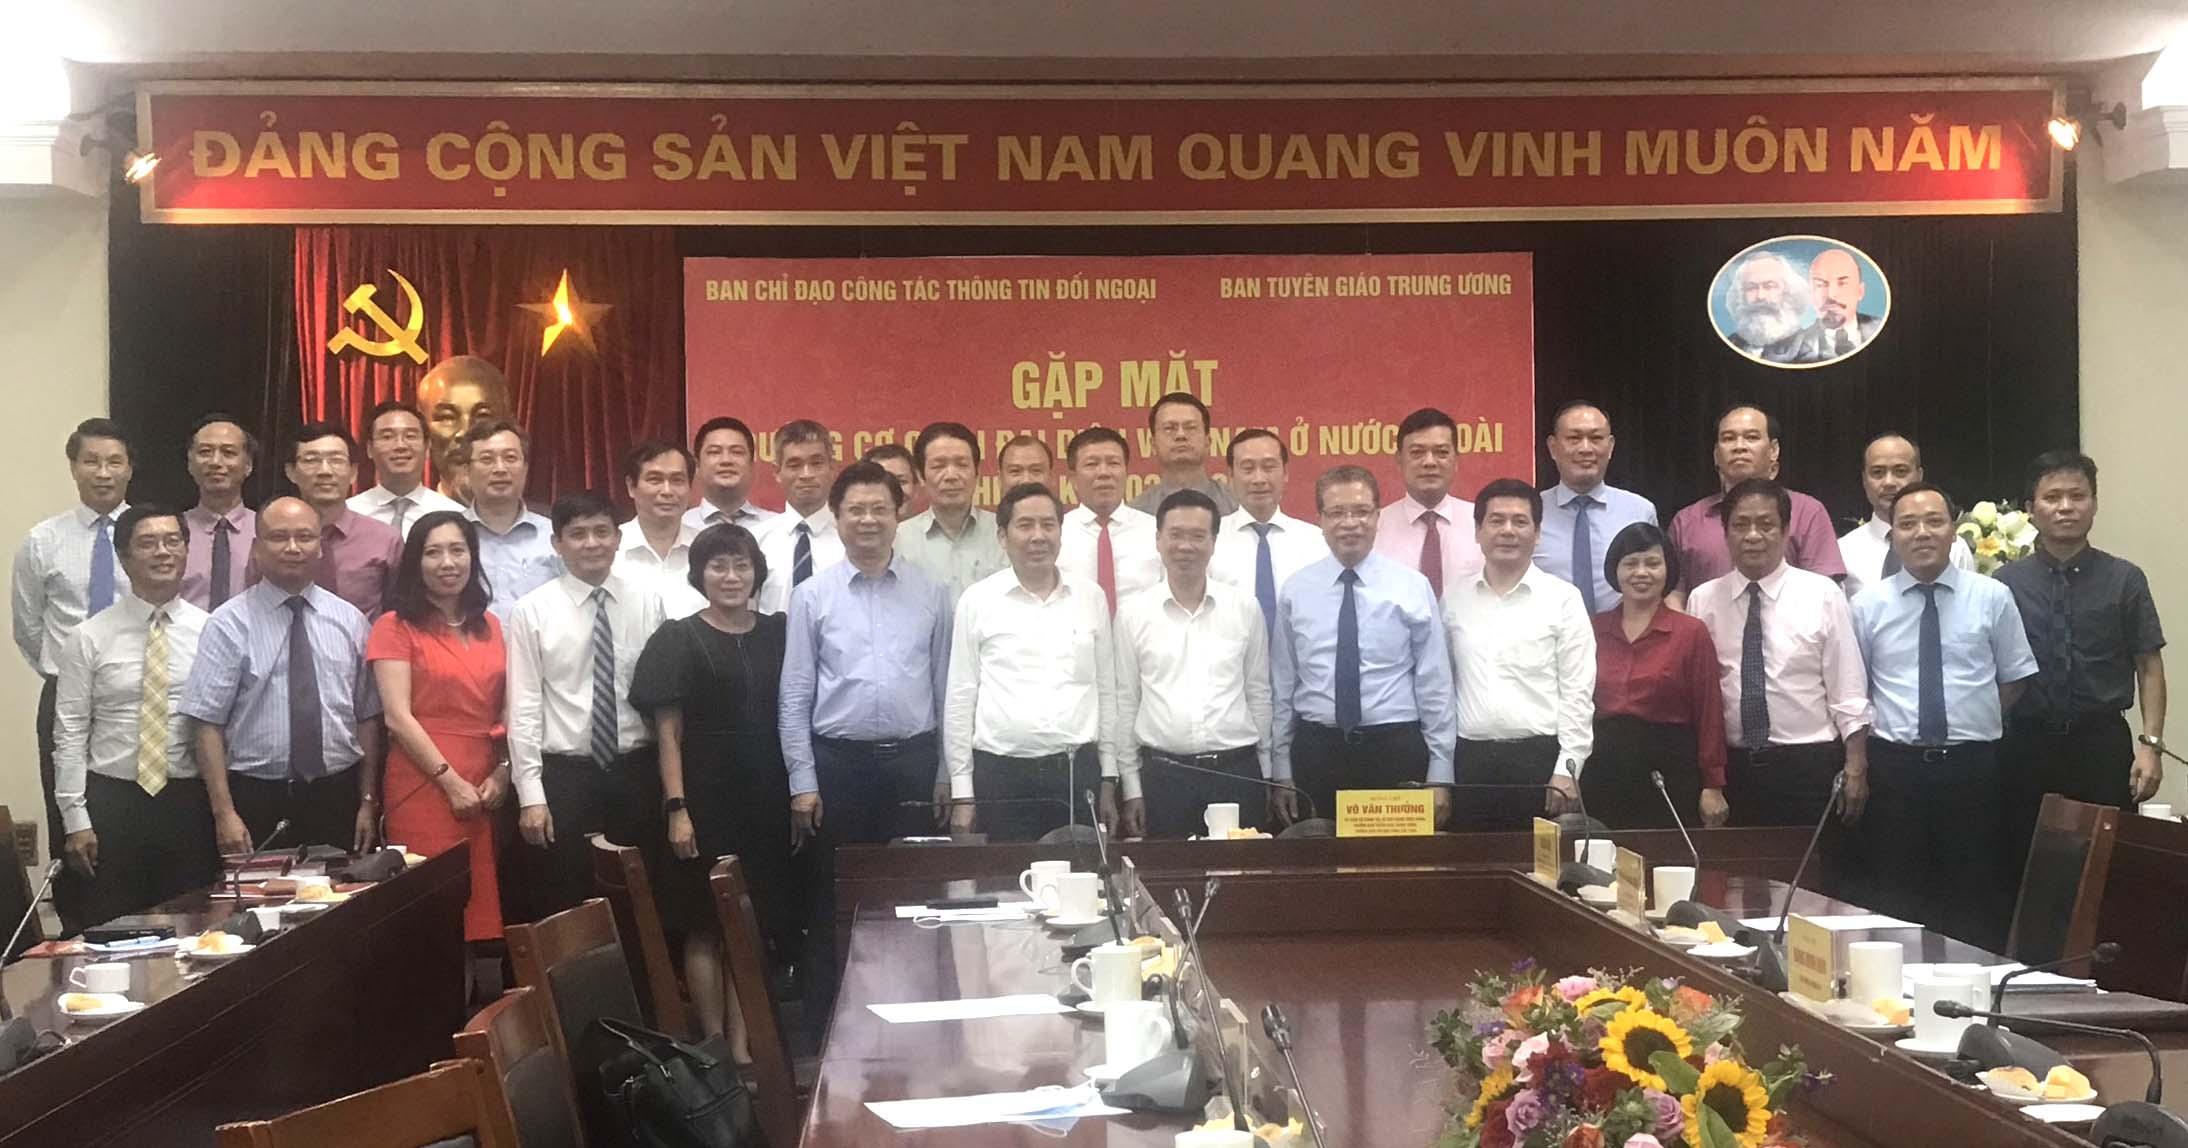 Đồng chí Võ Văn Thưởng gặp mặt các Trưởng Cơ quan đại diện Việt Nam ở nước ngoài